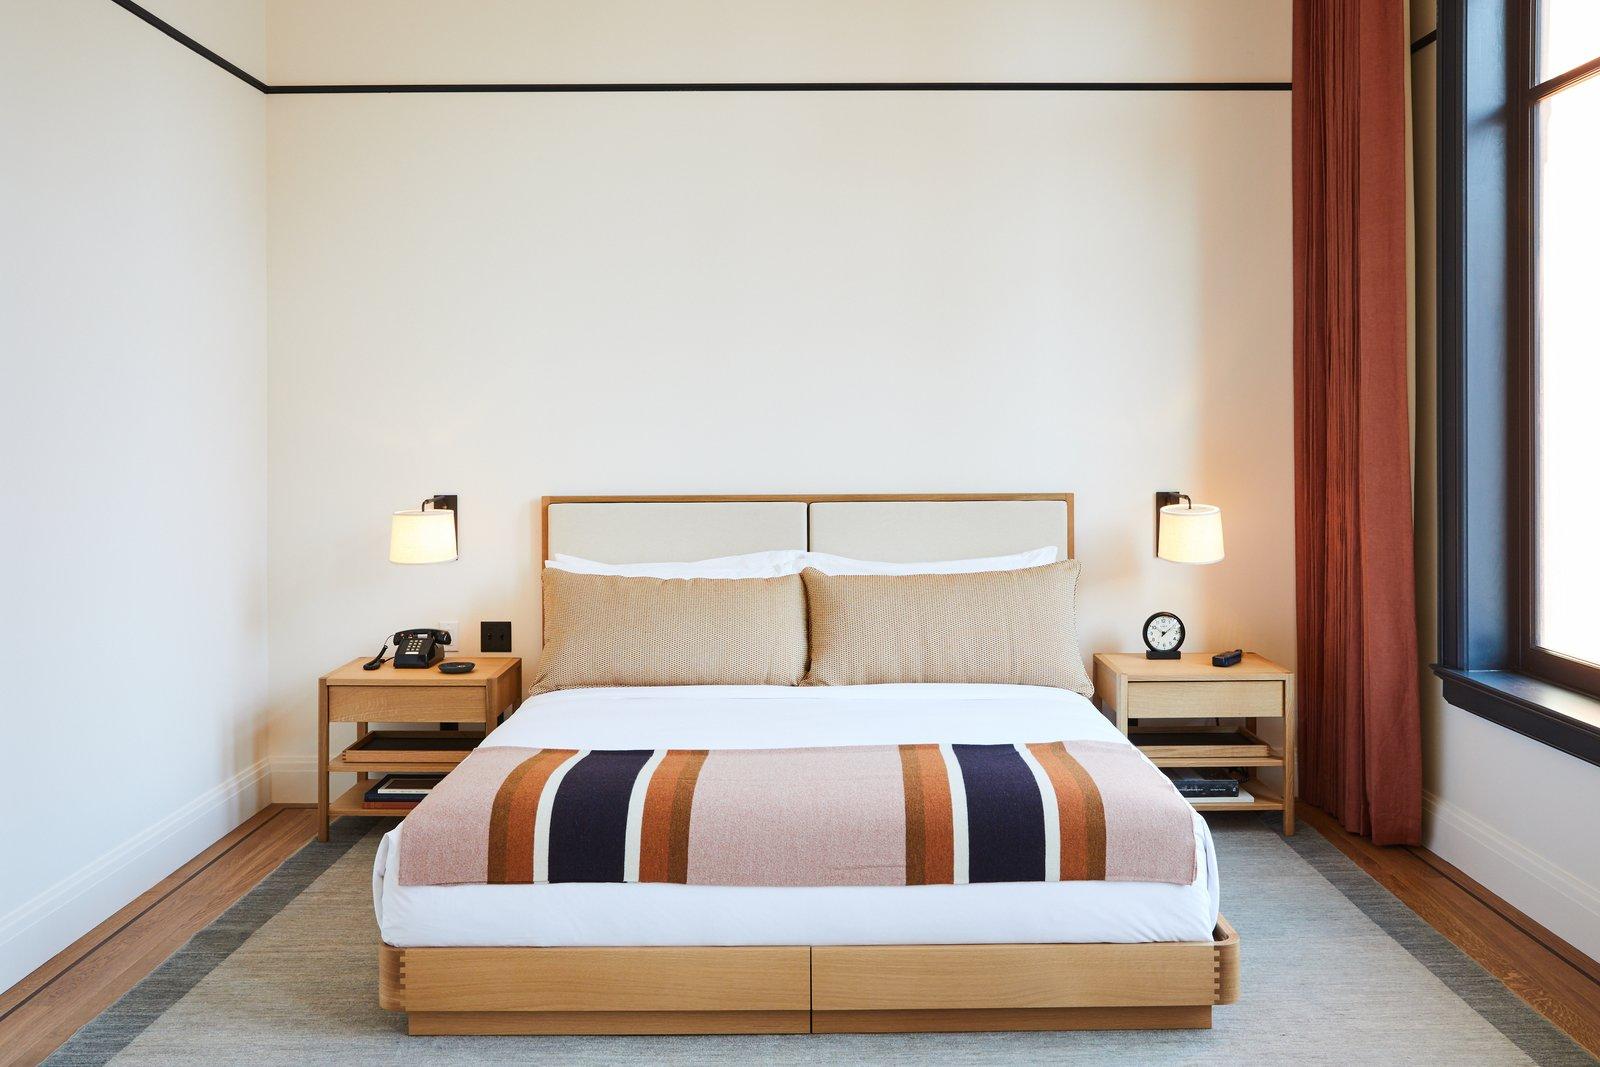 Shinola guest room